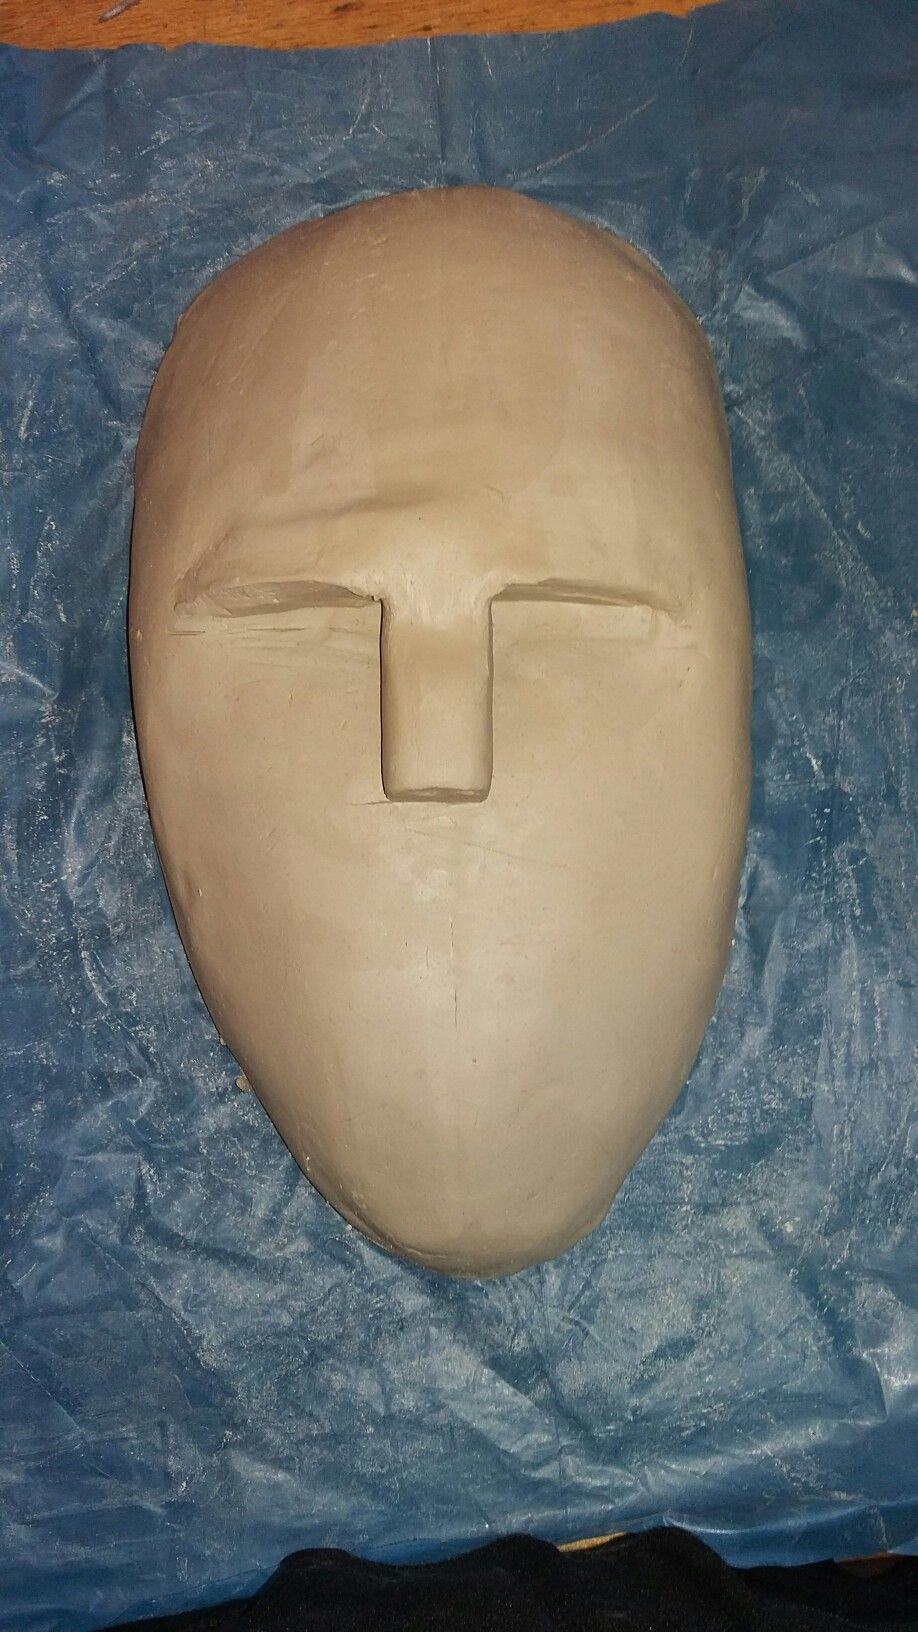 Het begin van de neus hebben we gemaakt door een stuk klei tussen 2 balkjes  plat te drukken en hem er dan op te drukken